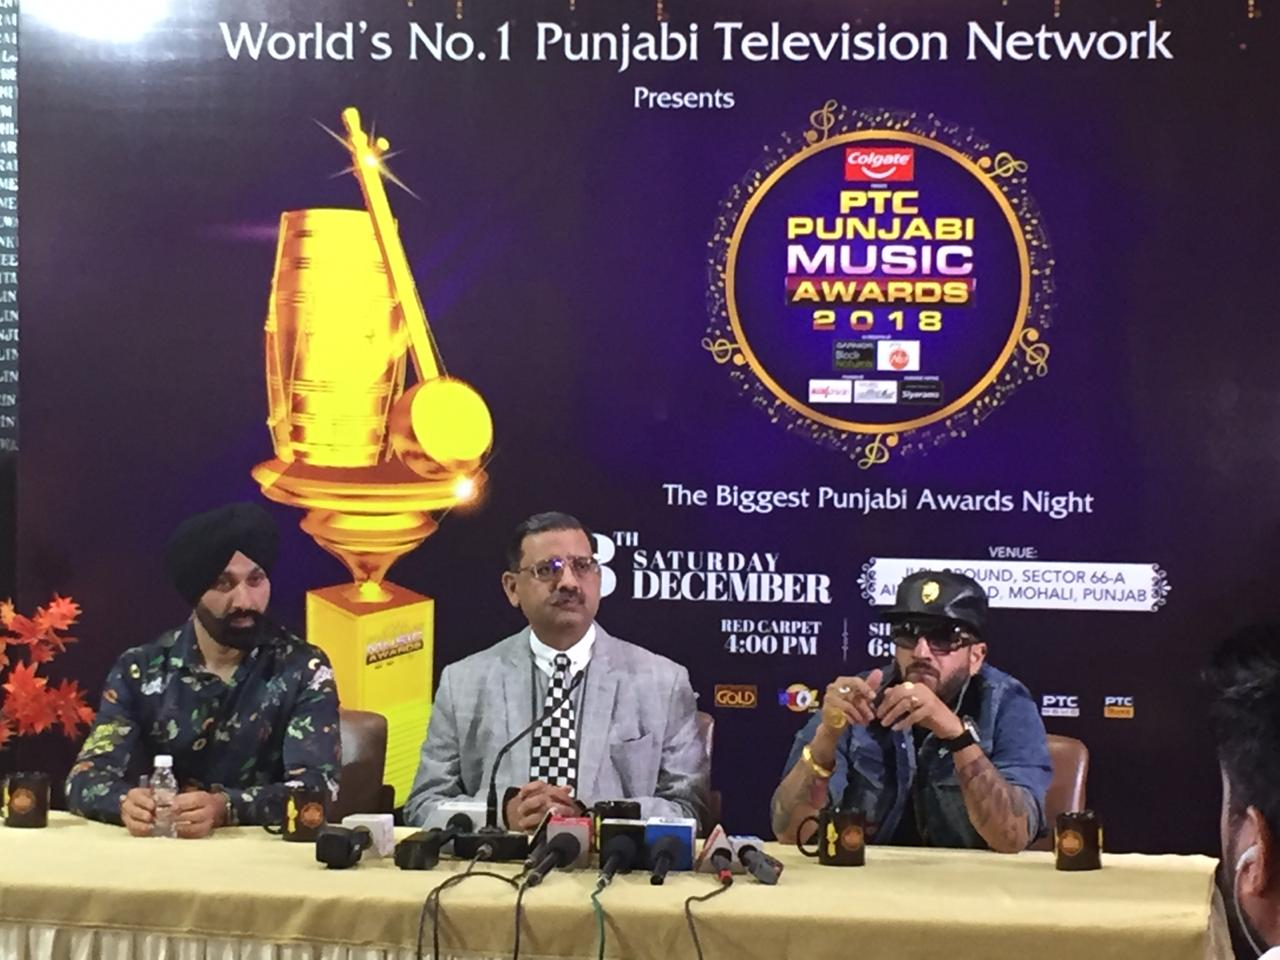 ptc punjabi music awards 2018 (1) - PTC Punjabi Canada